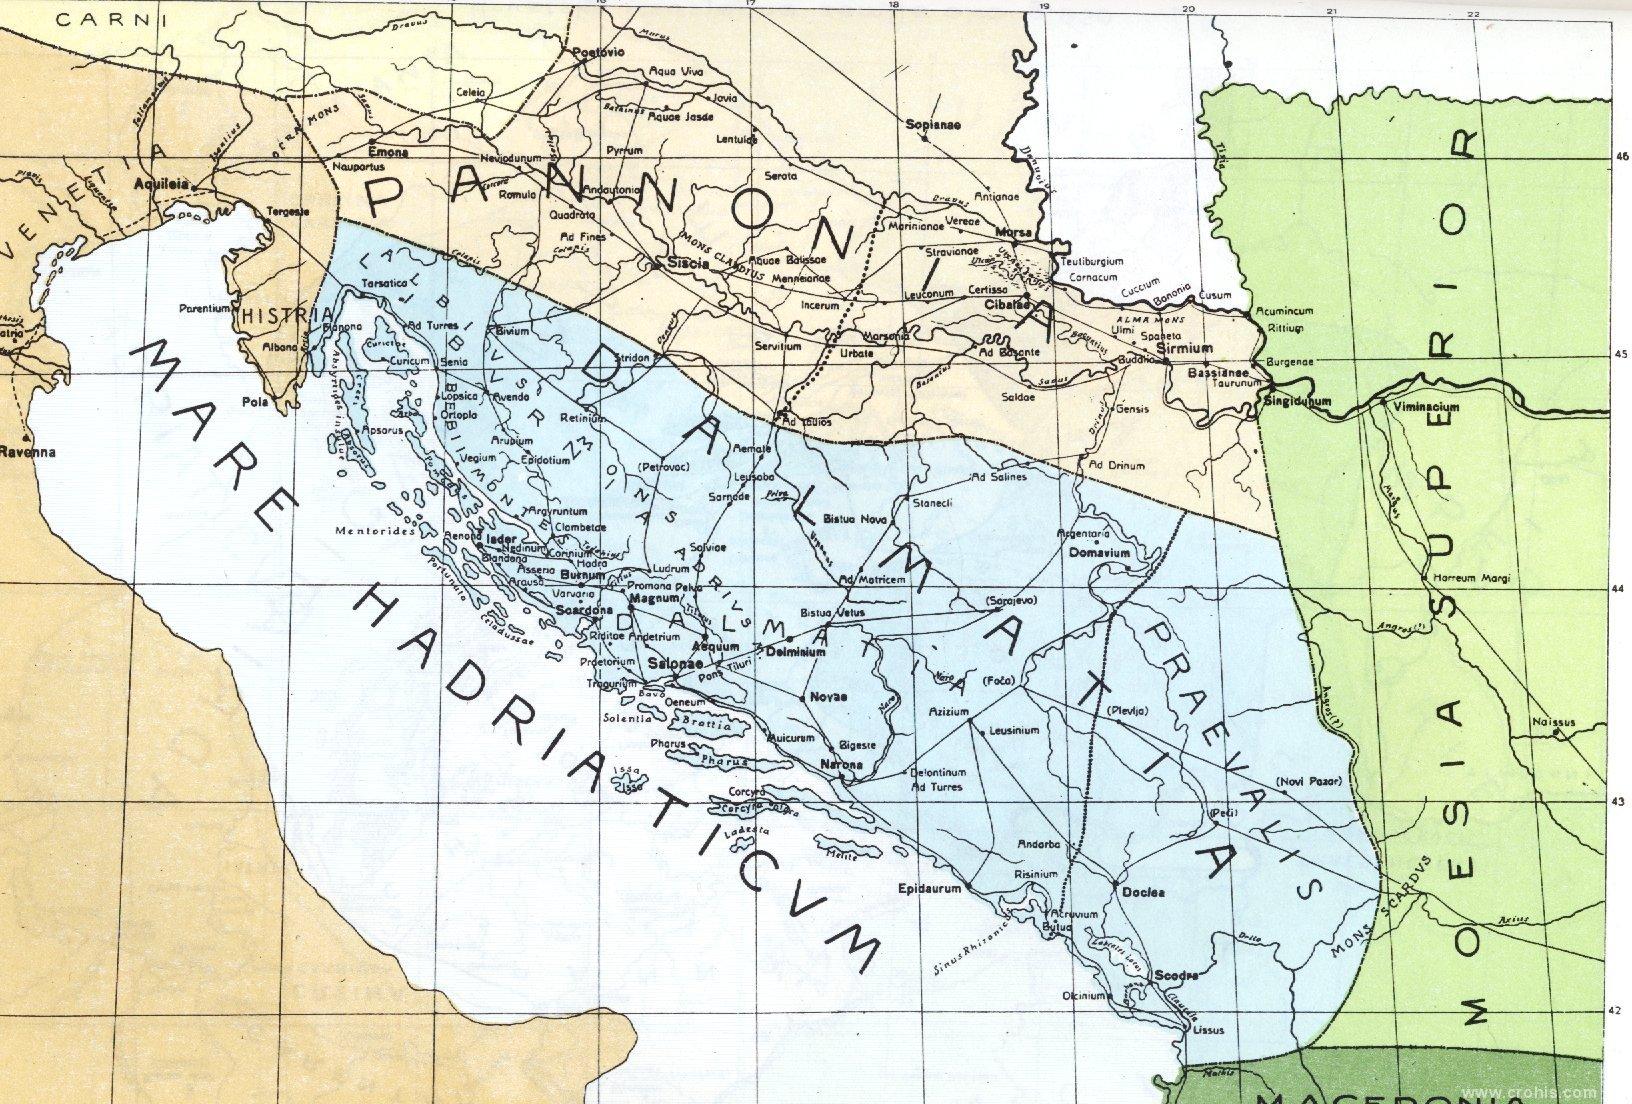 Karta dalmacija Dalmacija Karta